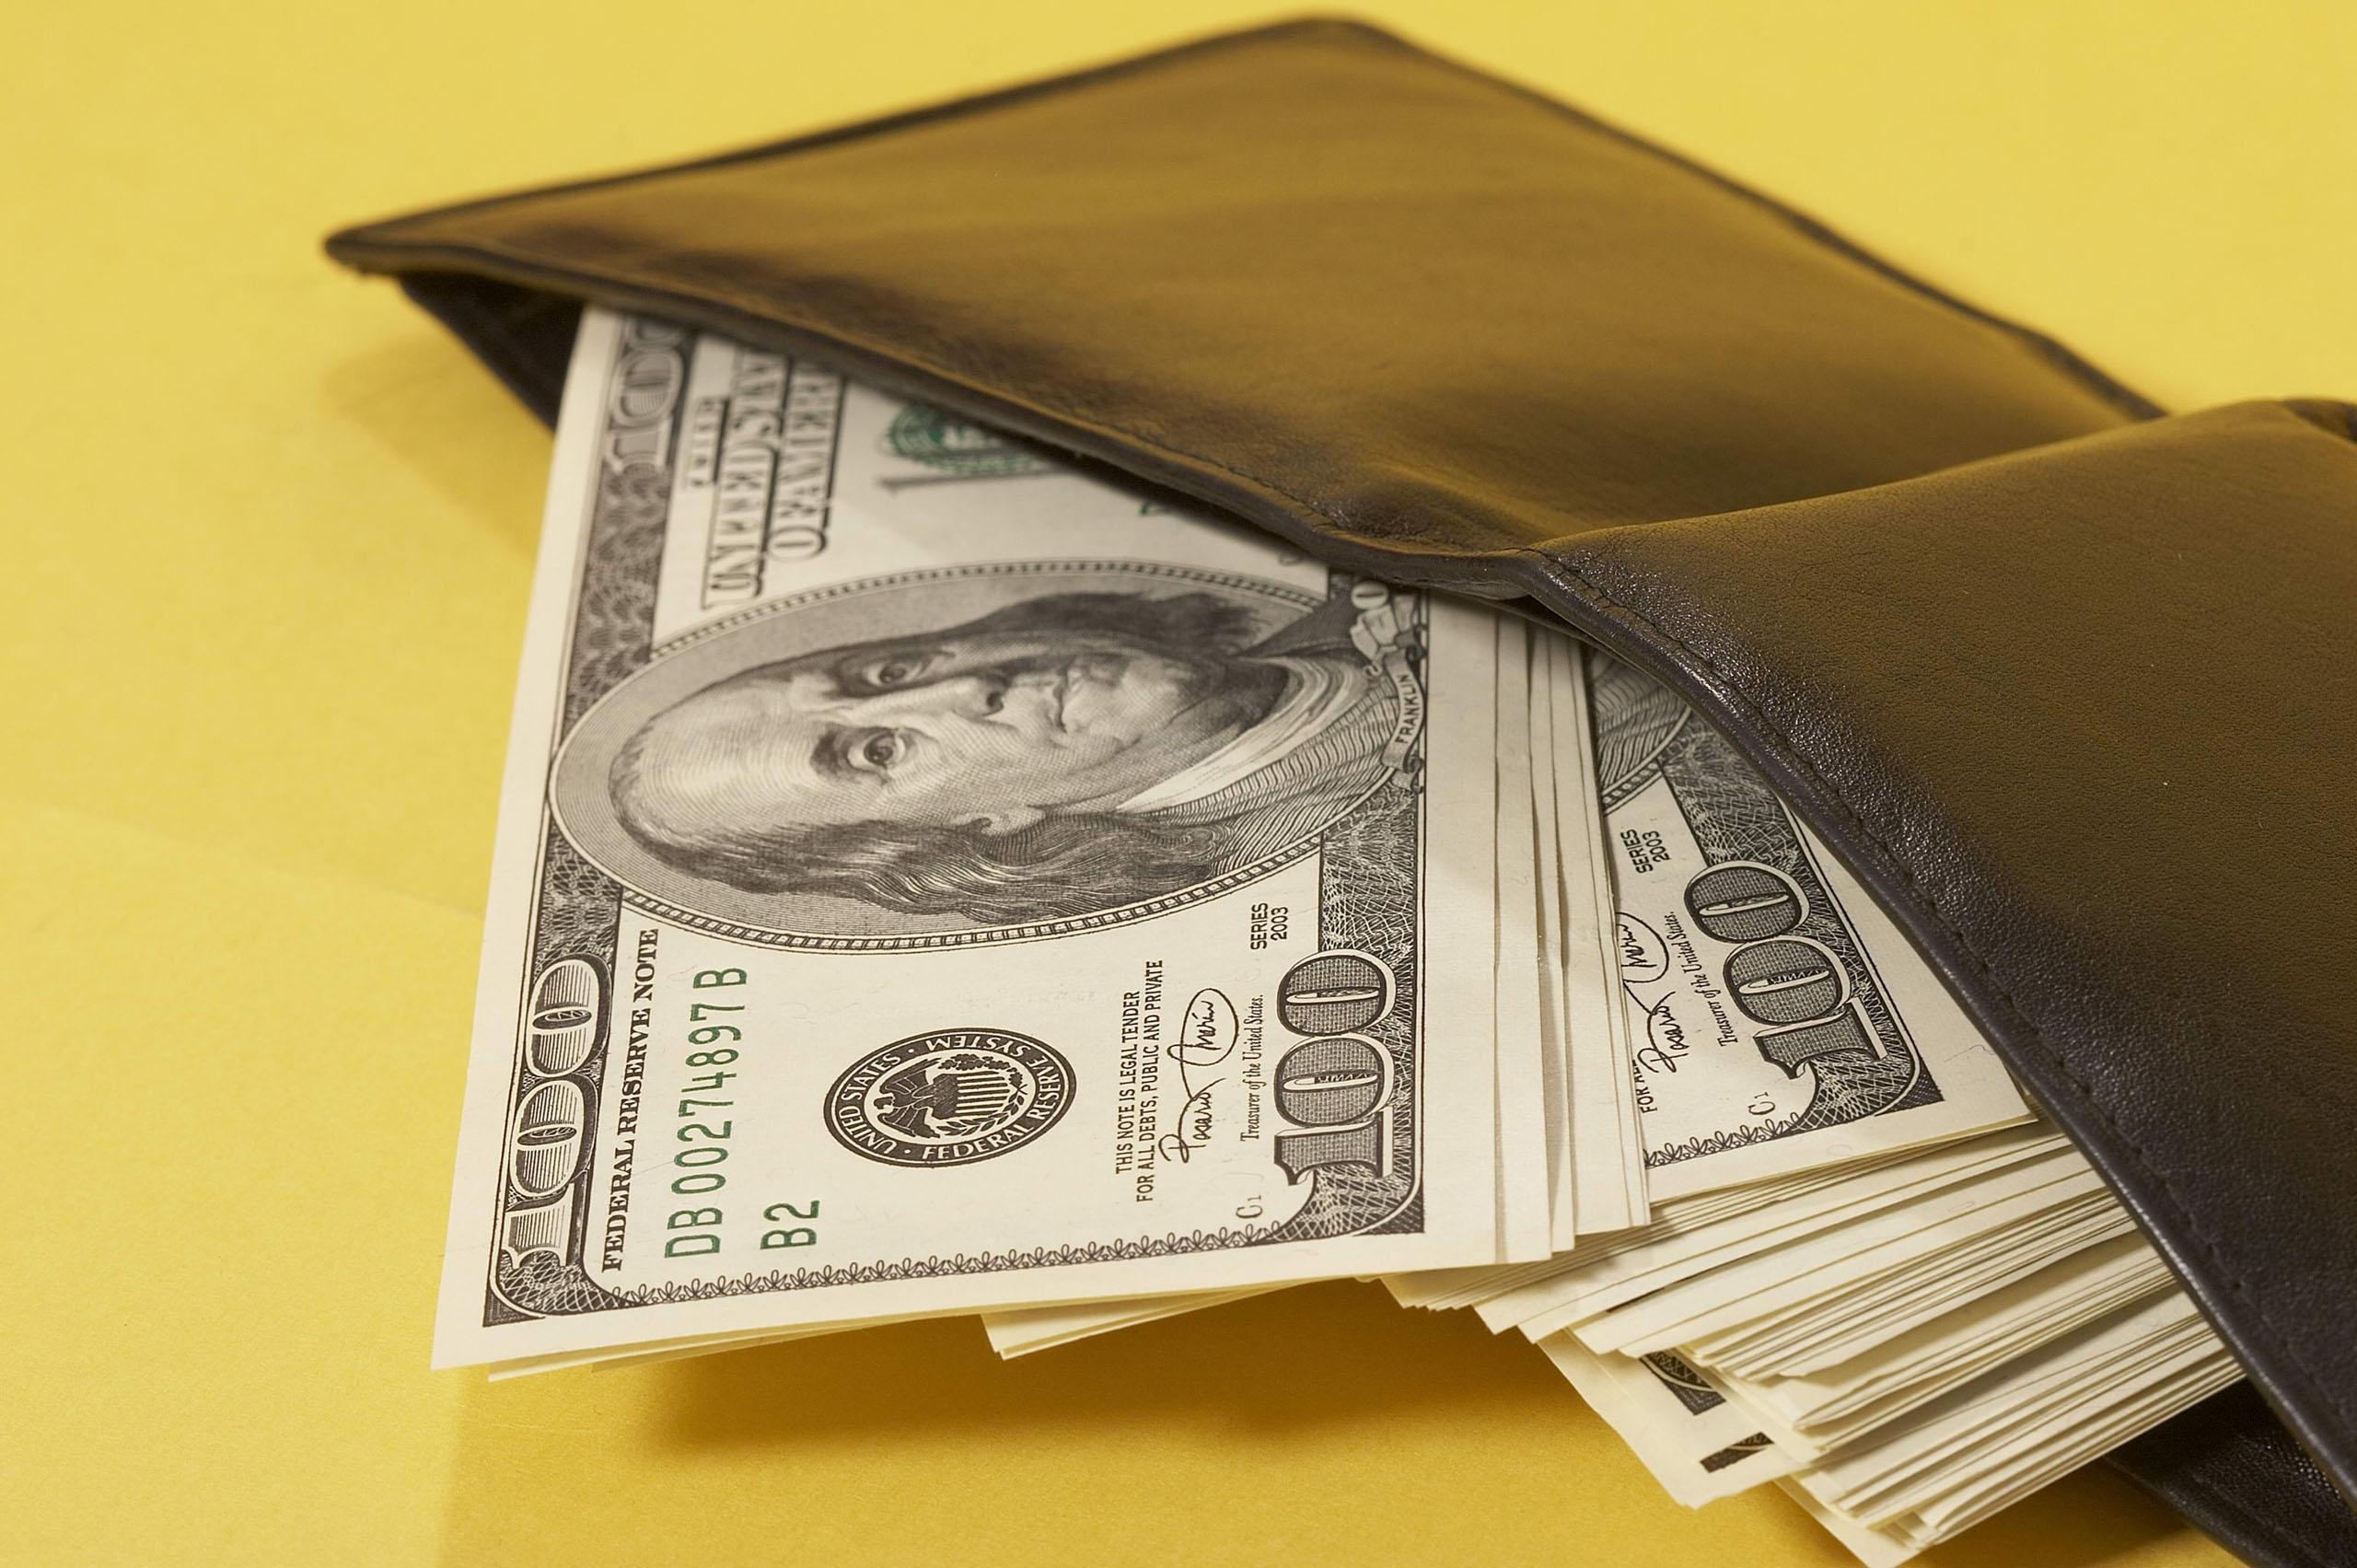 139760 Заставки и Обои Деньги на телефон. Скачать Деньги, Разное, Доллары, Купюры, Бумажник, Портмоне картинки бесплатно